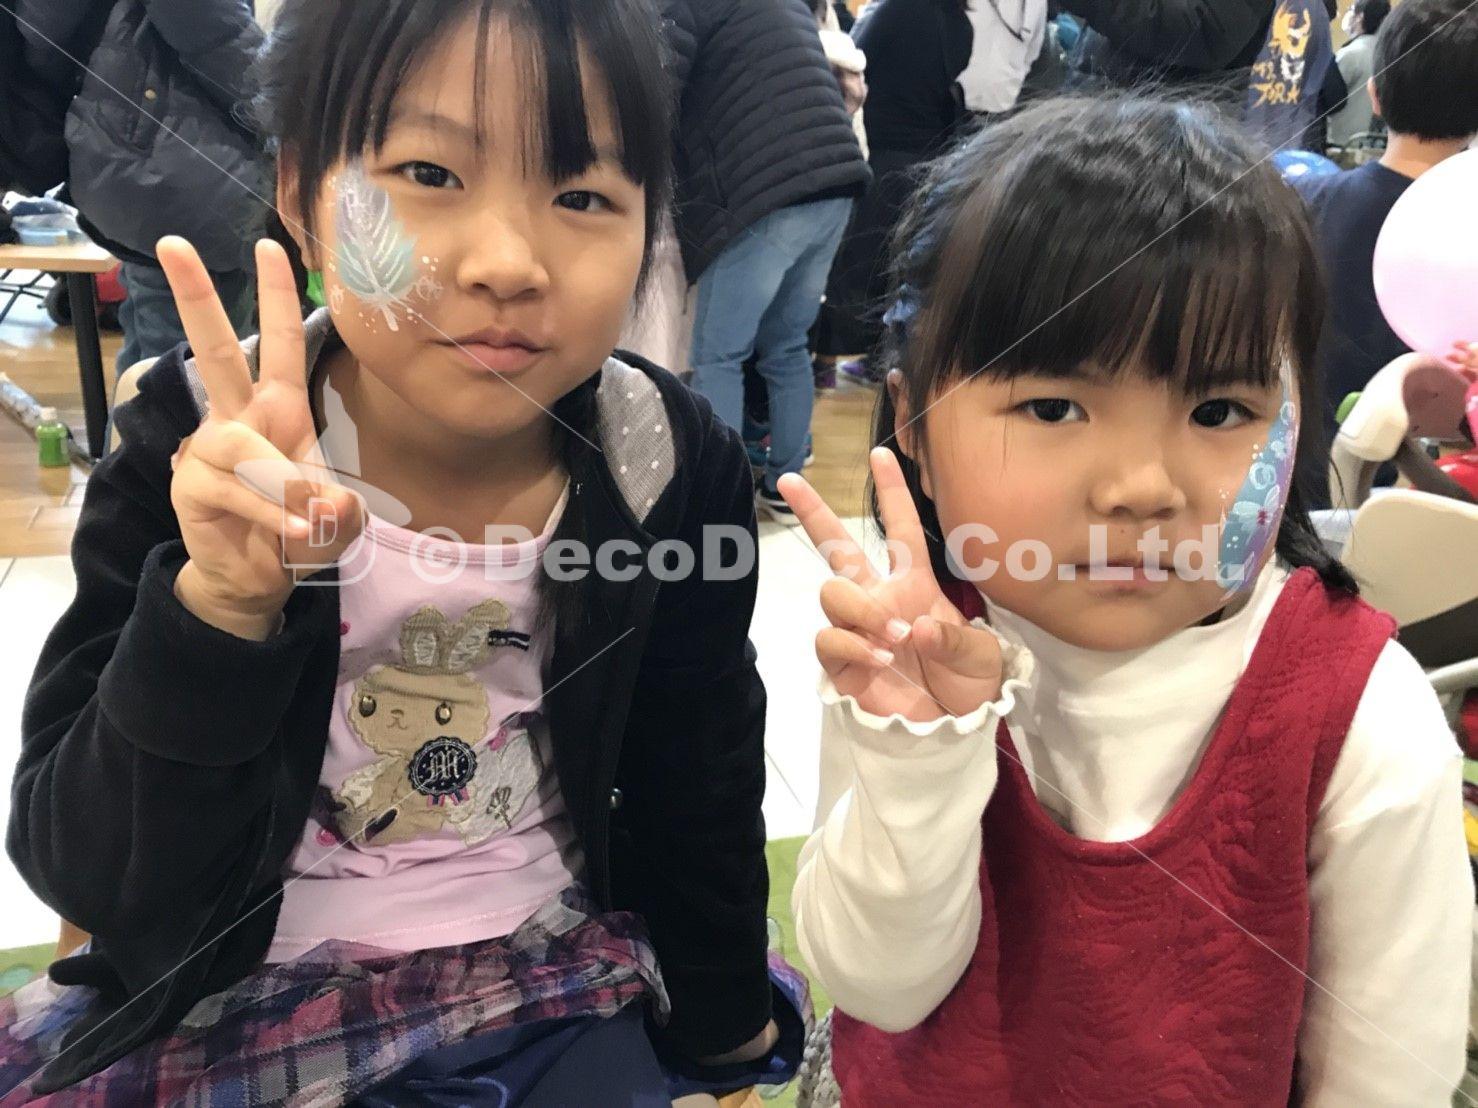 【茨木イオン】いばらきキッズカーニバル / フェイスペインティング